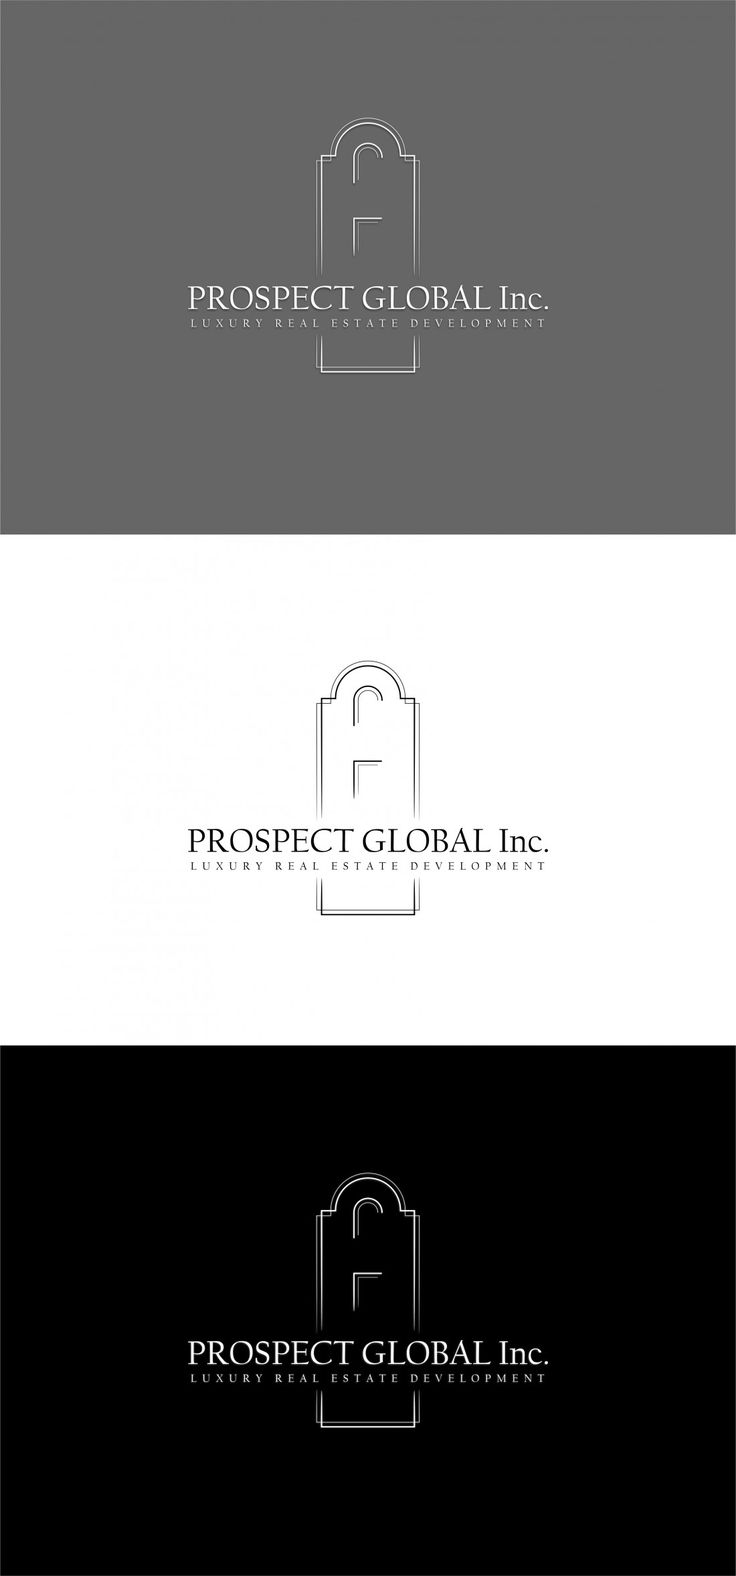 Praca nr 340717 w konkursie Logo dla firmy Prospect Global - Luxury Real Estate Developments | Corton.pl